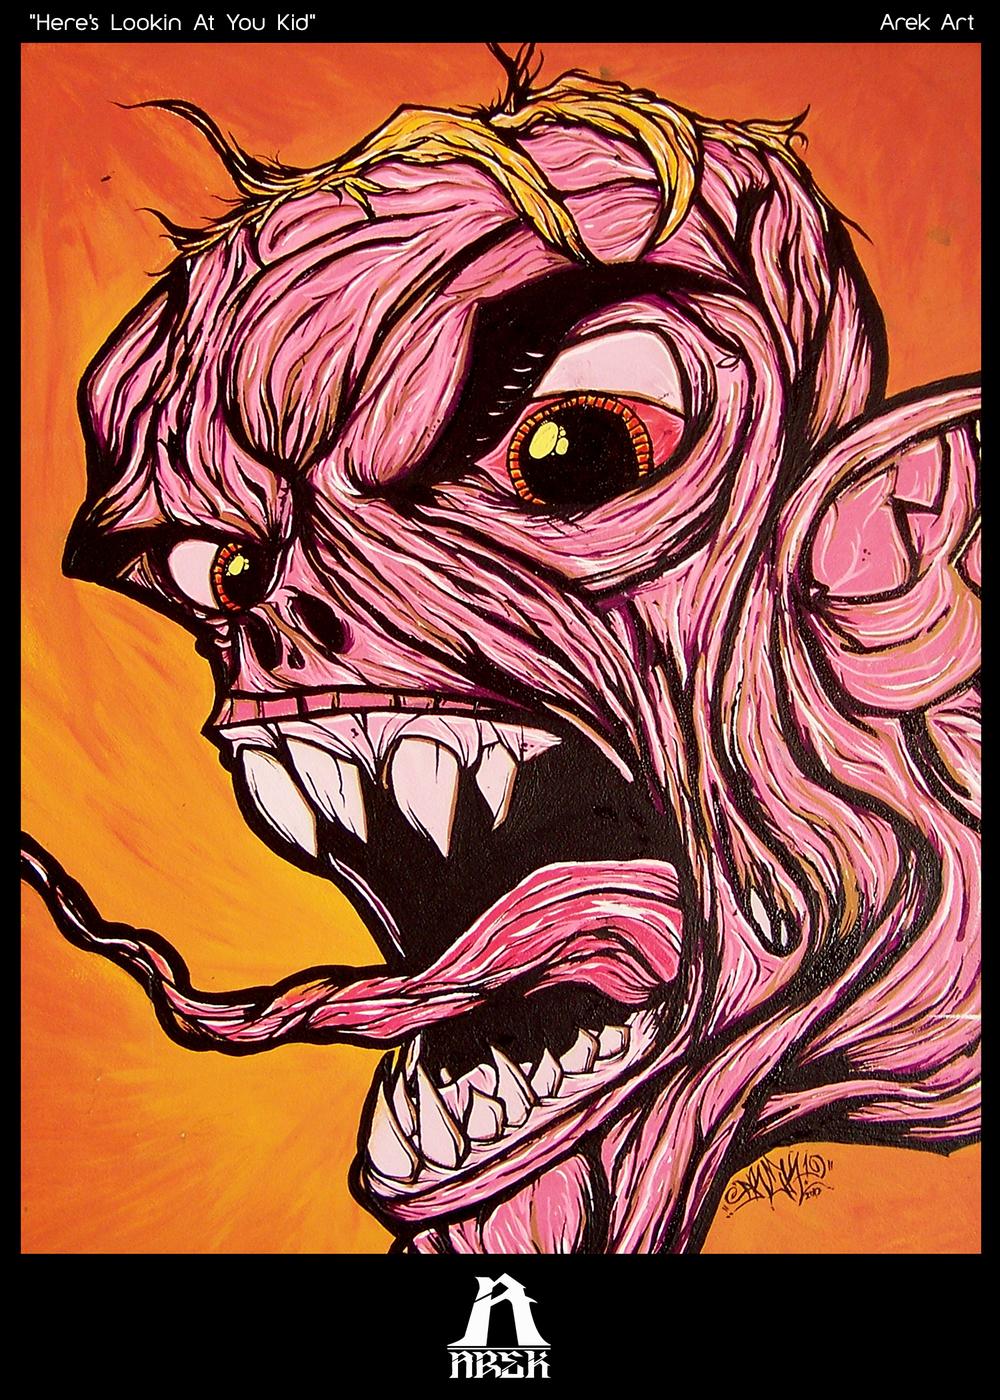 Arek-Art---Heres-Looking-At-You---5x7.jpg